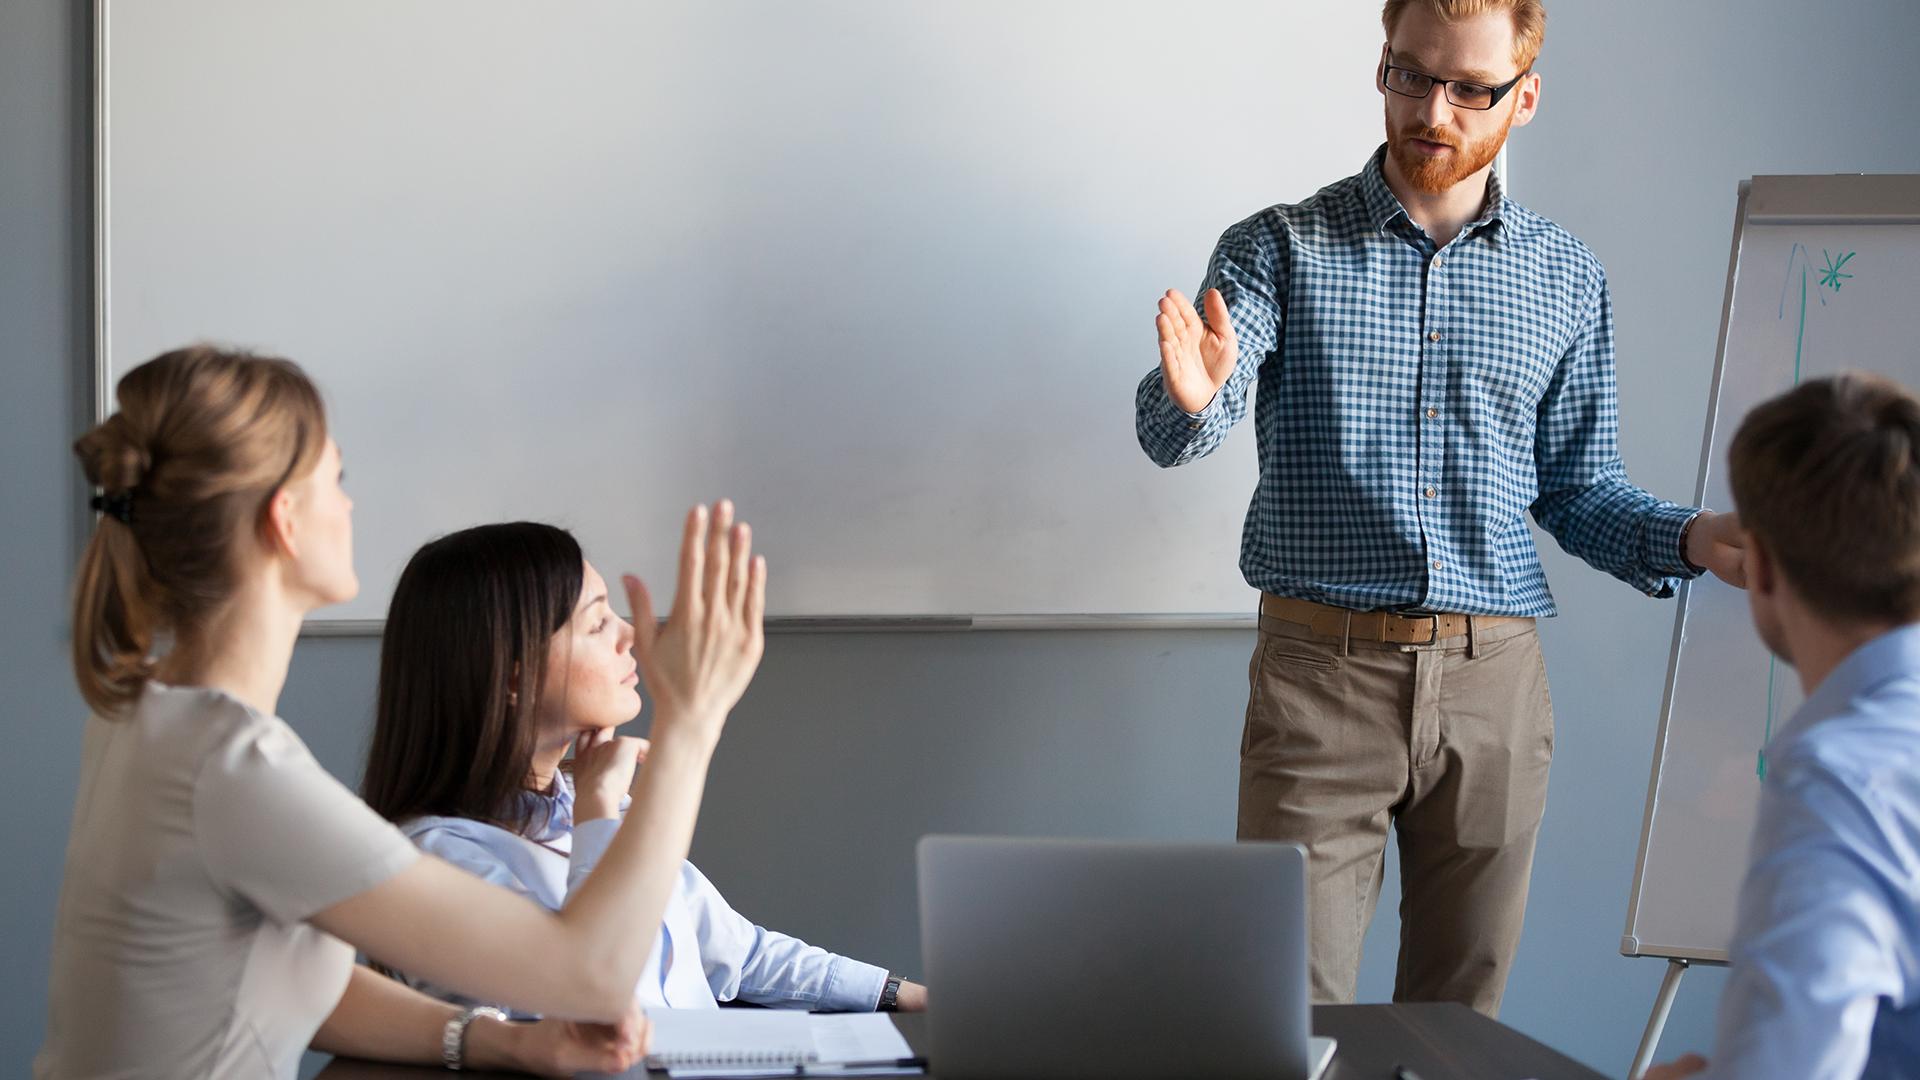 Disse fire evner ruster dig til at skabe afgørende værdi i bestyrelsesarbejdet